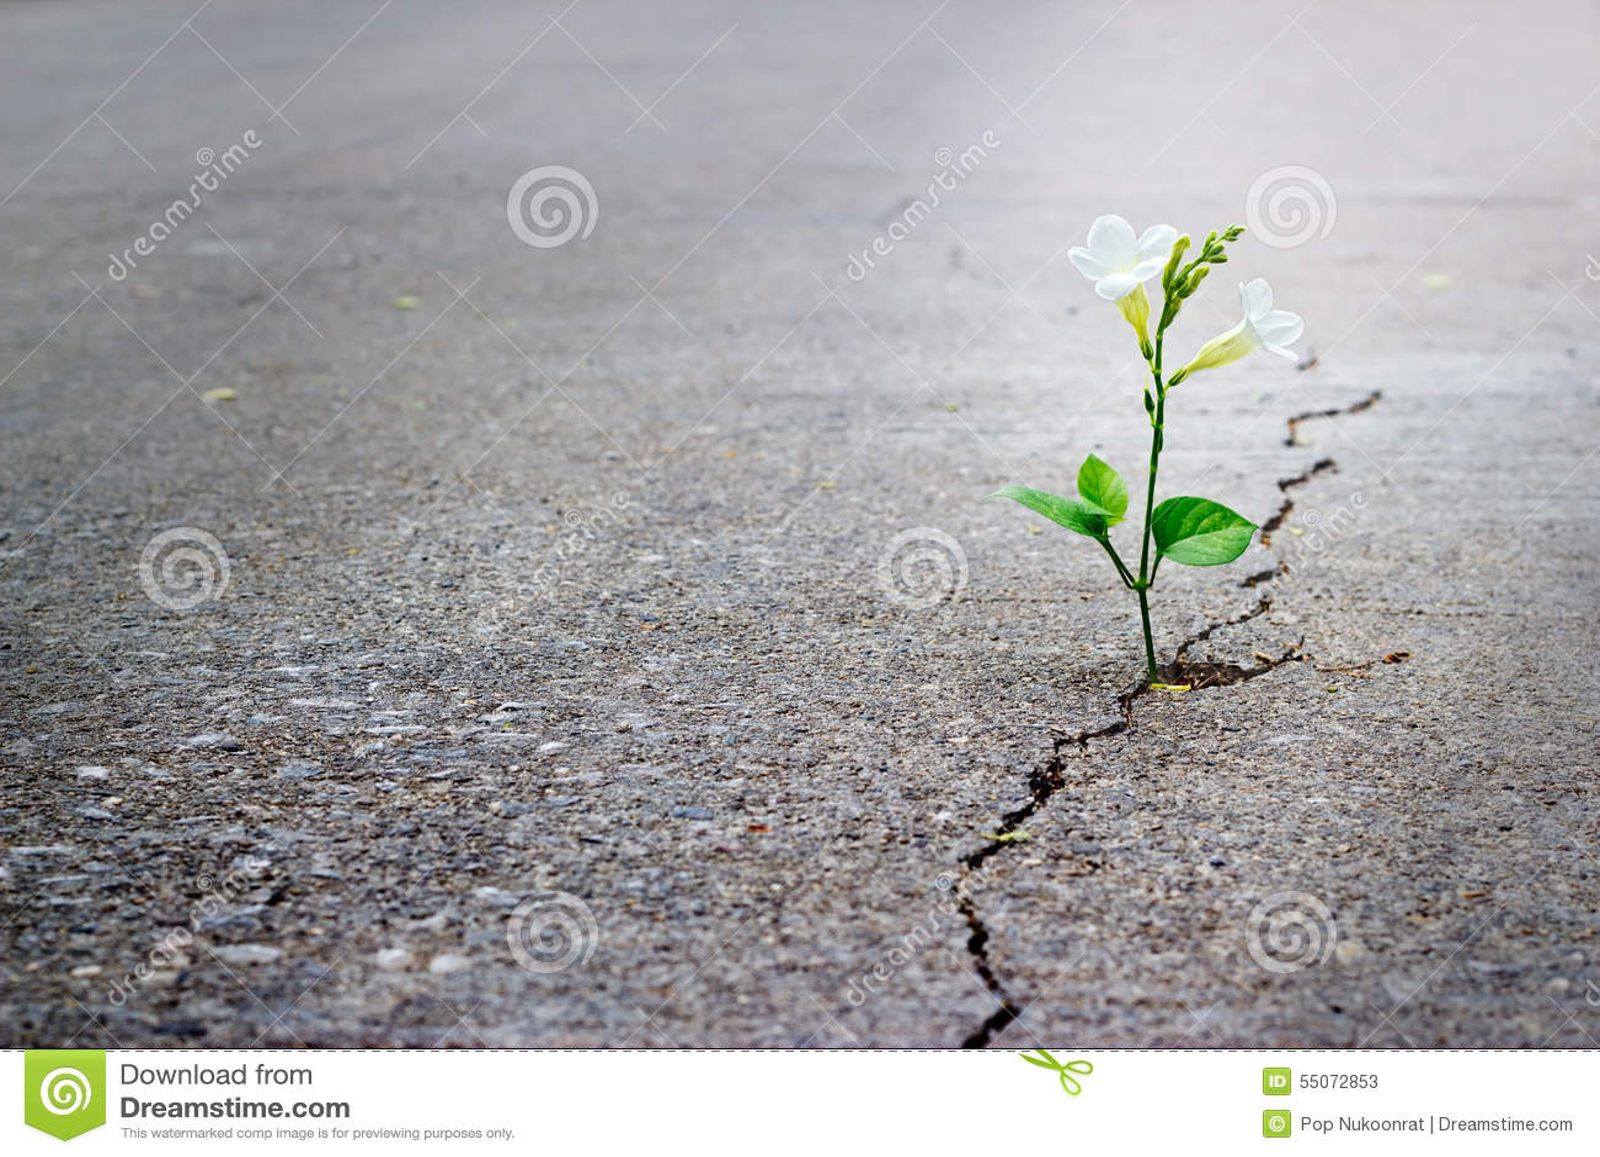 Crescimento de flor branca na rua da quebra, foco macio, texto vazio